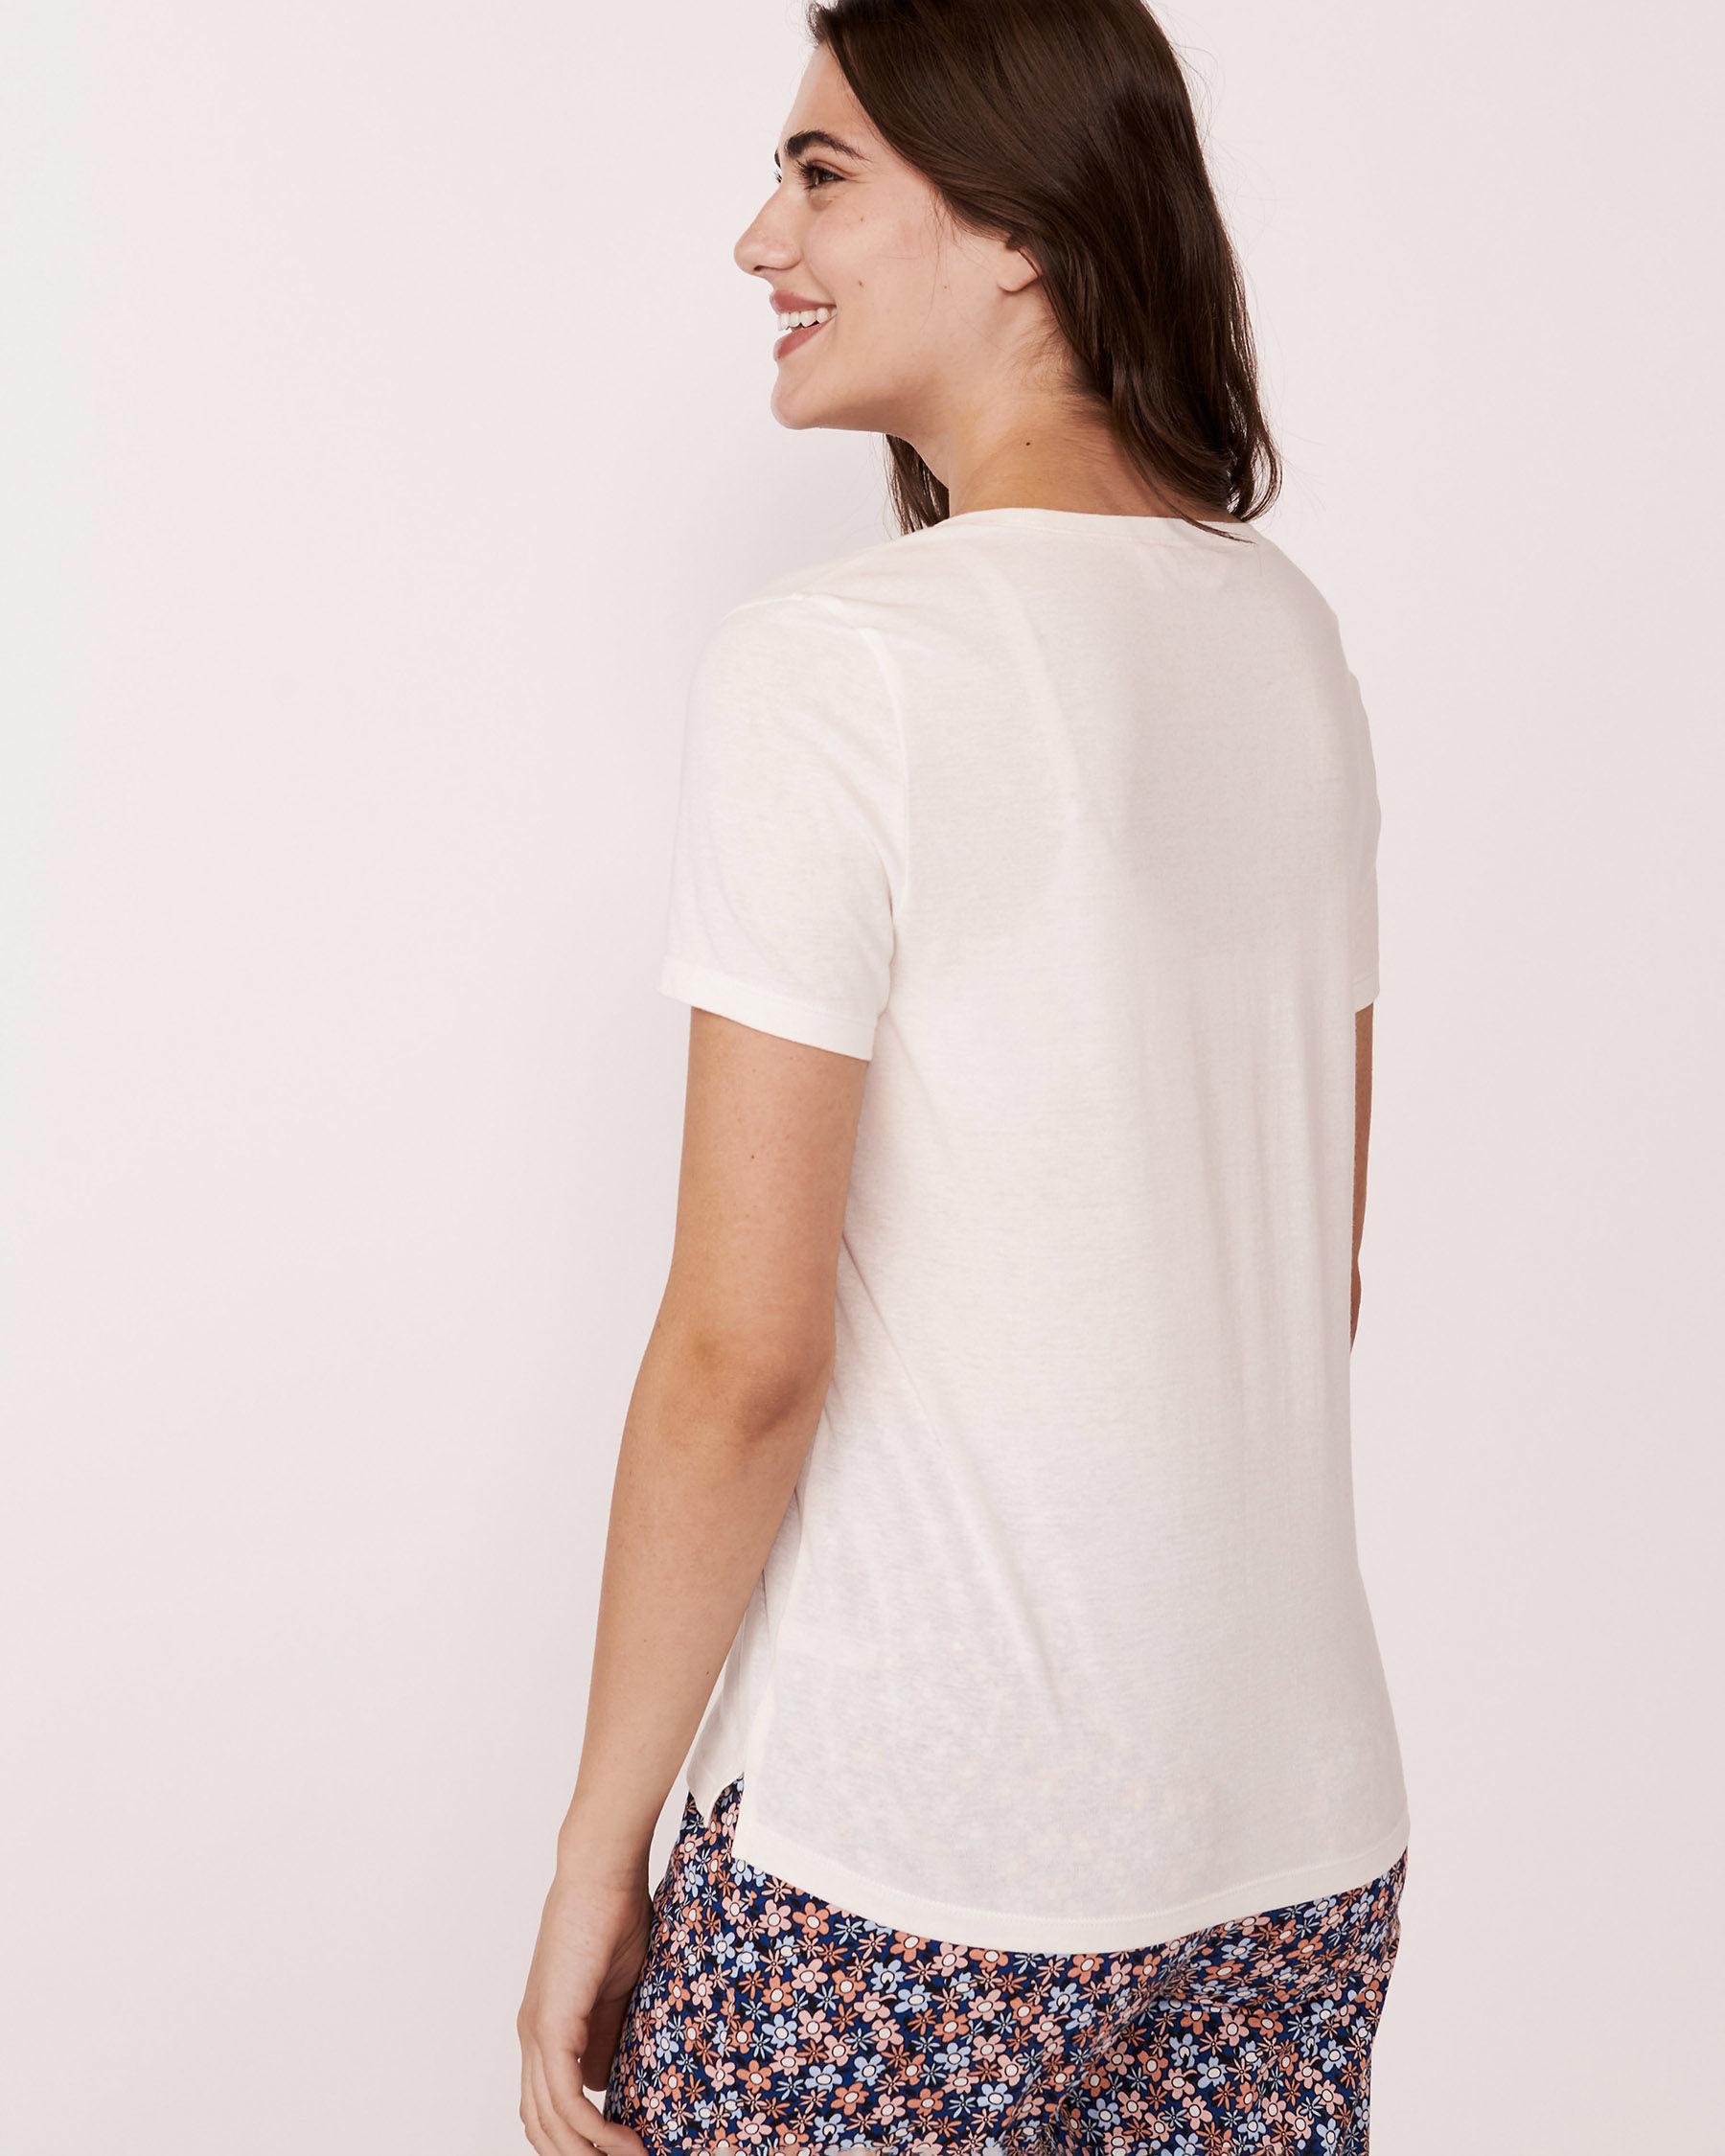 LA VIE EN ROSE V-neckline T-shirt White 878-386-0-11 - View2